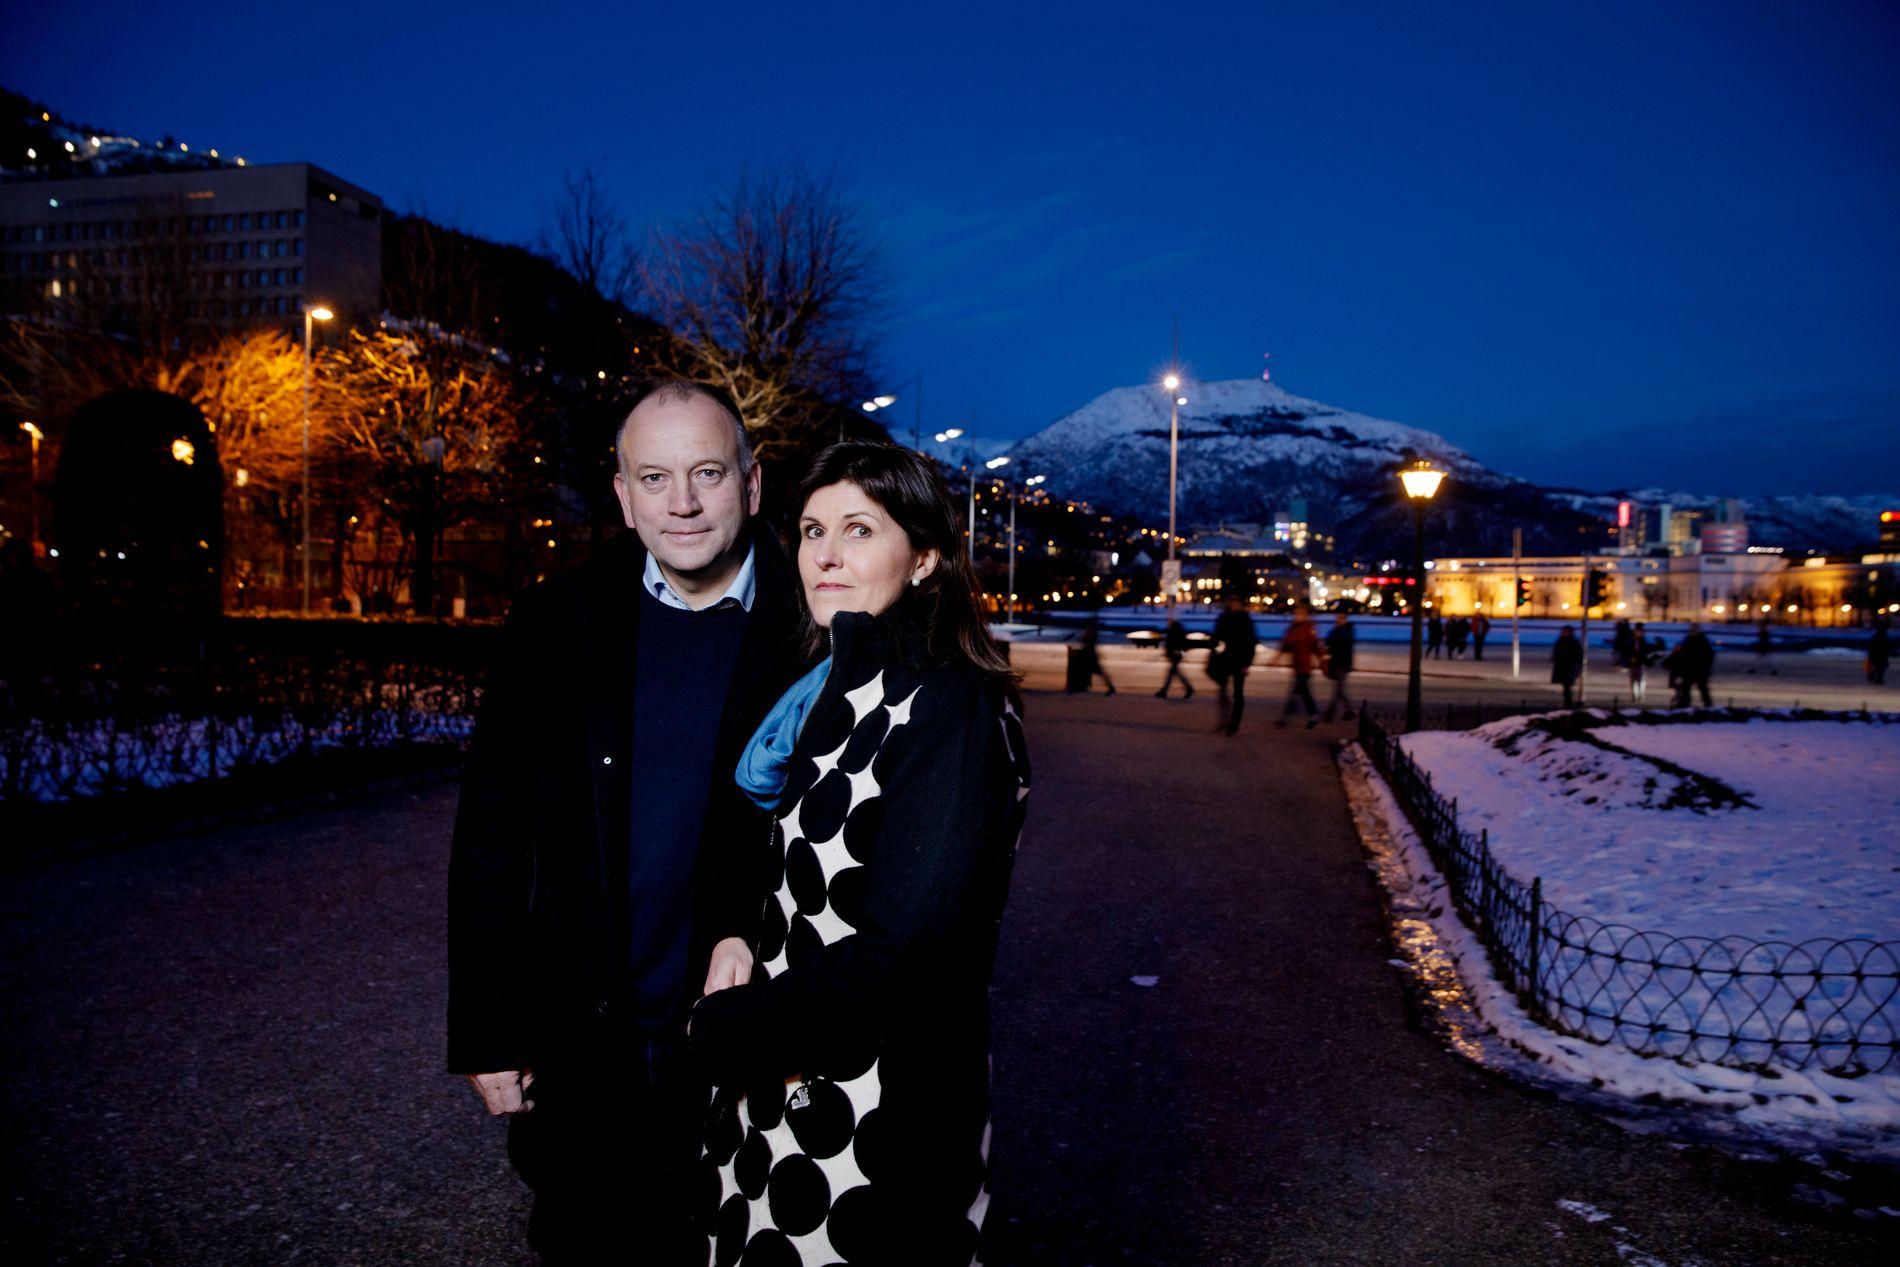 MELDTE SEG UT AV PARTIET: Tomas Moltu (48) og Marita Moltu (49) har begge meldt seg ut av KrF etter lang fartstid i partiet. De mener KrF har utviklet en ukultur, og sliter med åpenhet rundt politiske veivalg.